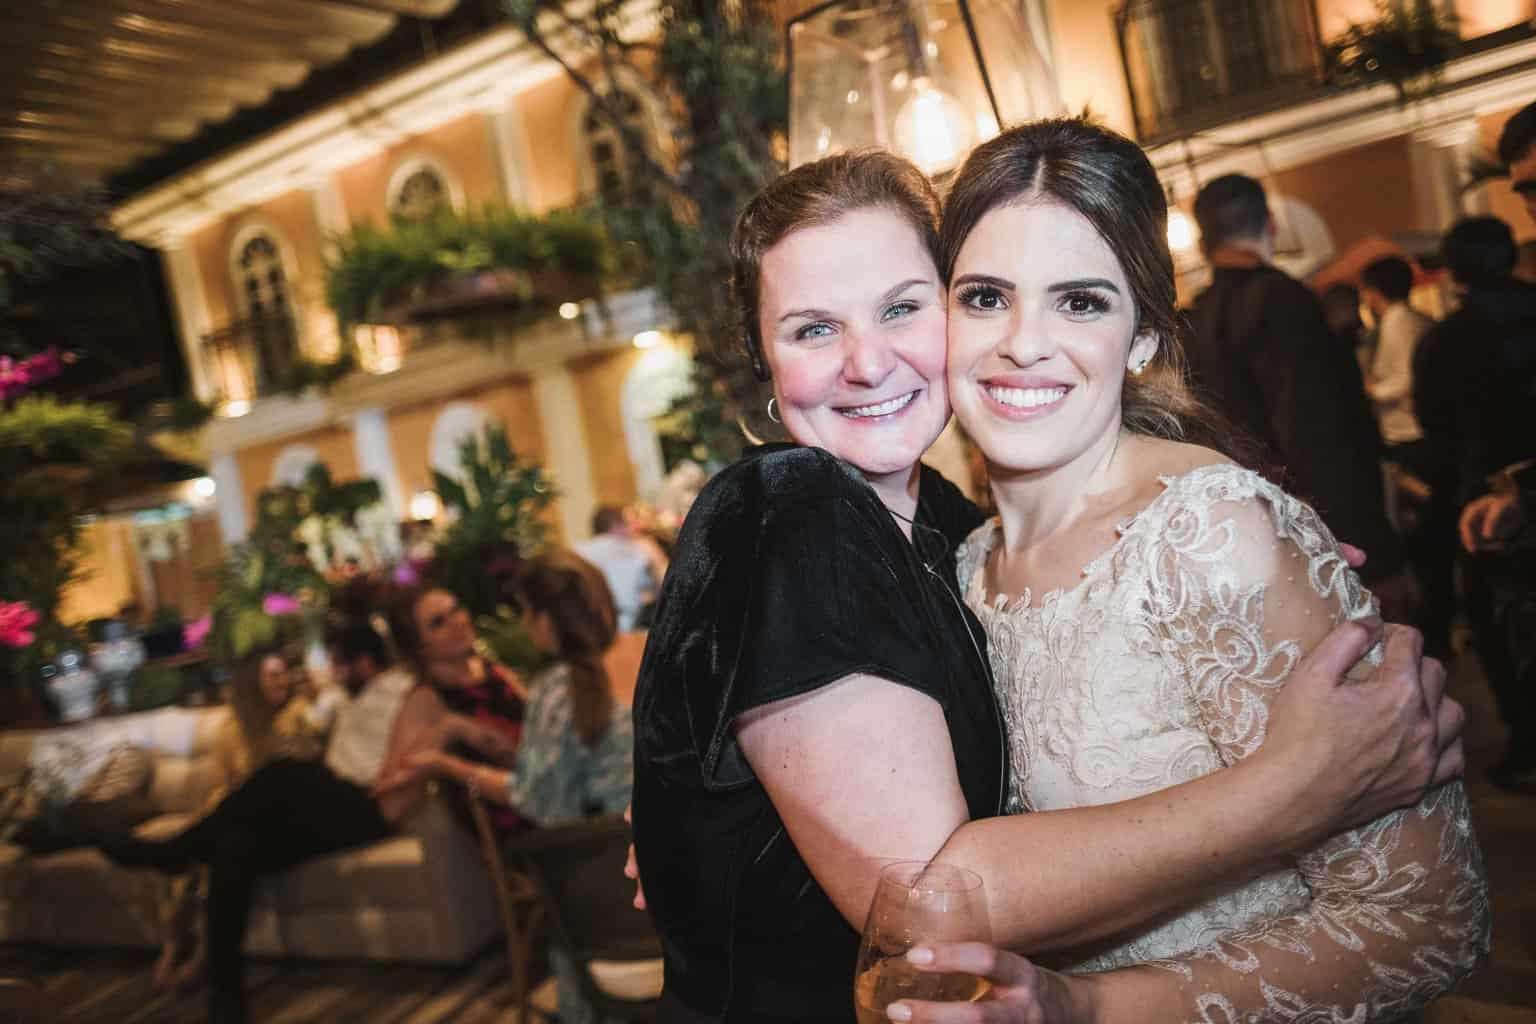 casamento-na-serra-festa-de-casamento-Fotografia-Renata-Xavier-Les-Amies-Cerimonial-Locanda-Della-Mimosa-Natalia-e-Bruno675